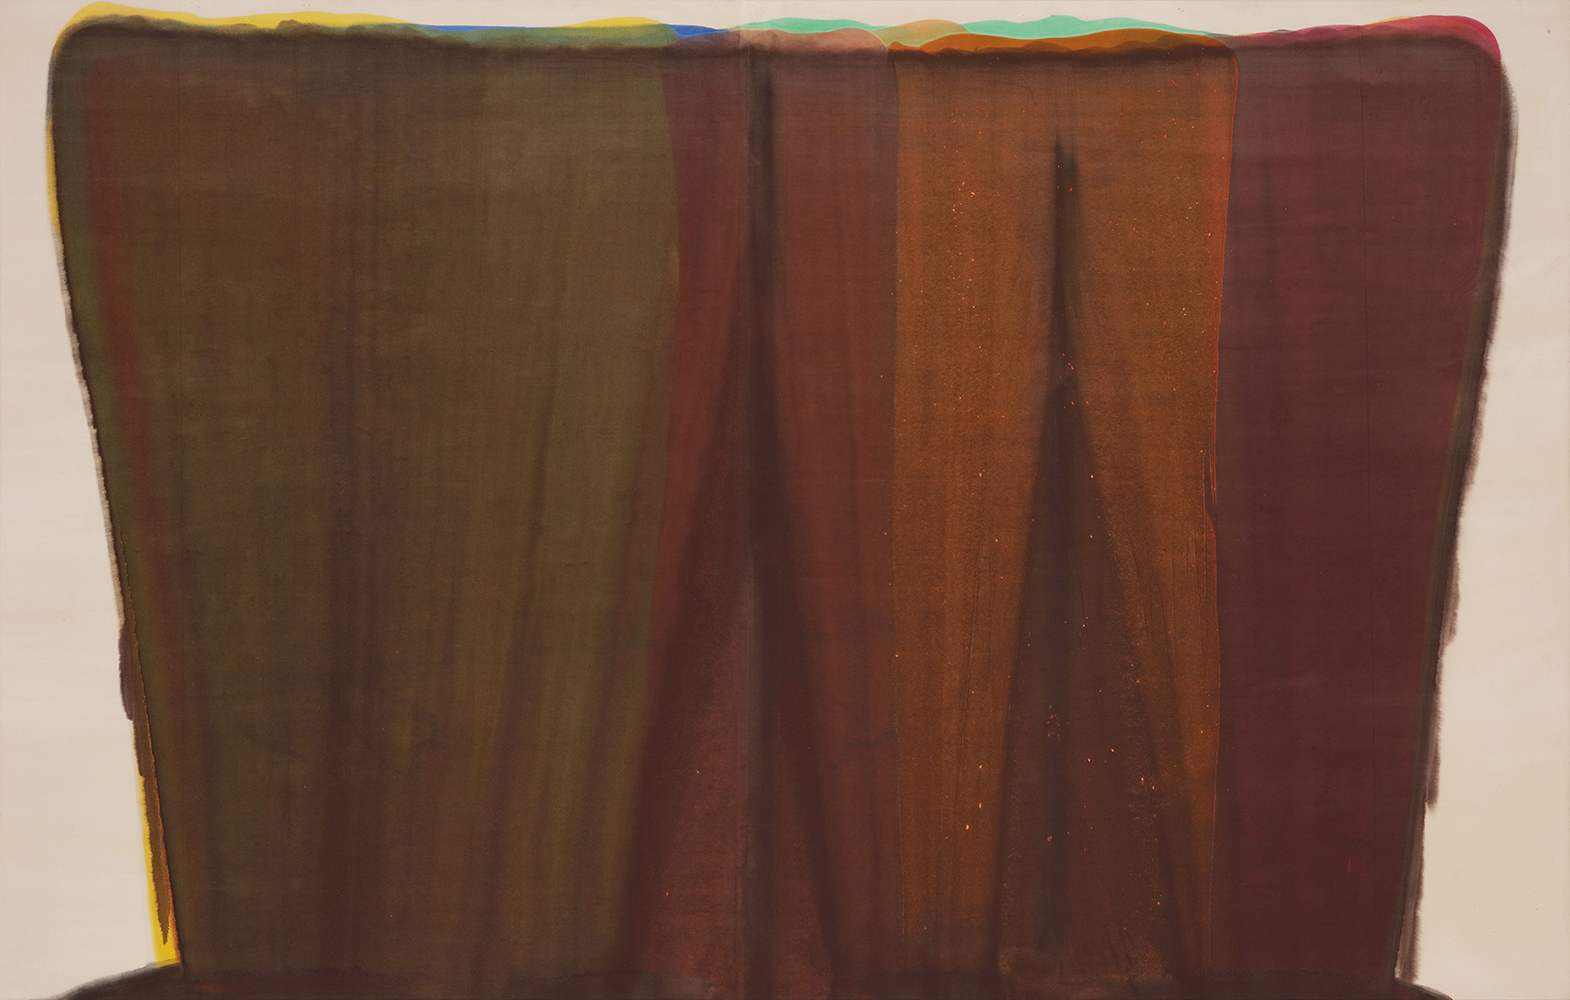 モーリス・ルイス《ダレット・ペー》1959年 アクリル、カンヴァス 滋賀県立近代美術館蔵